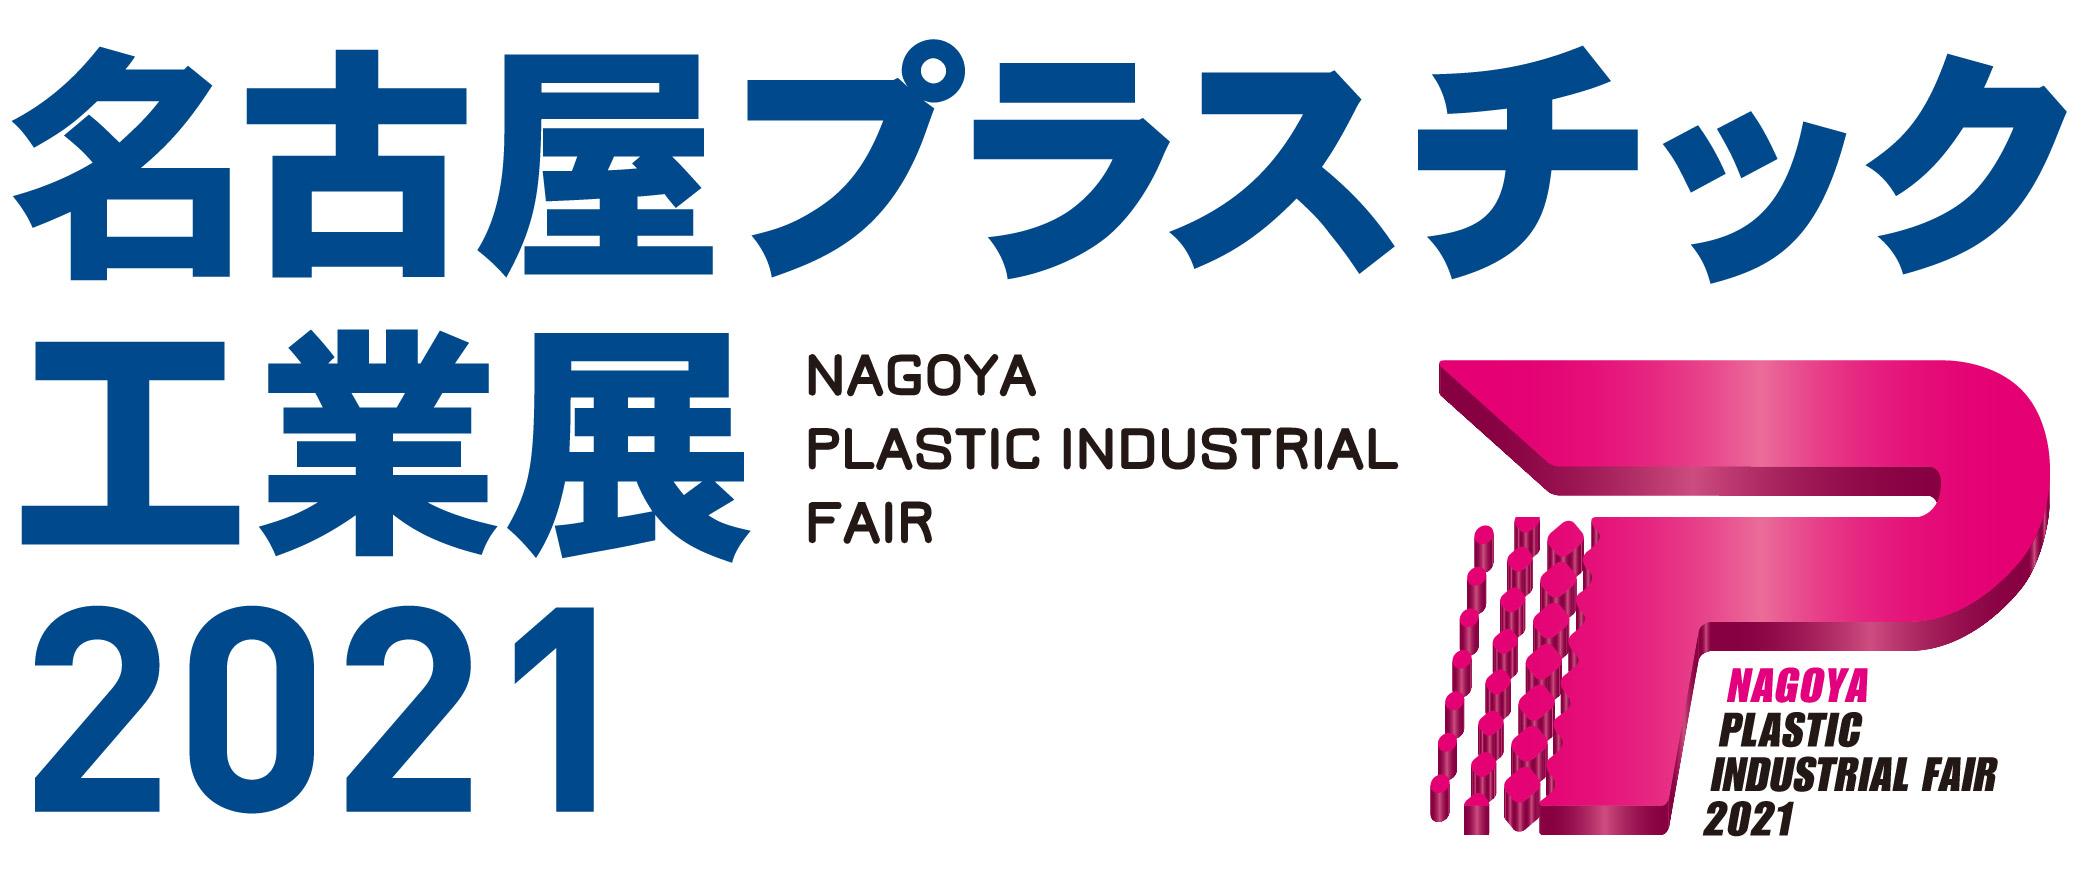 9/29(水)~10/1(金)ポートメッセなごや「名古屋プラスチック工業展2021」に出展します